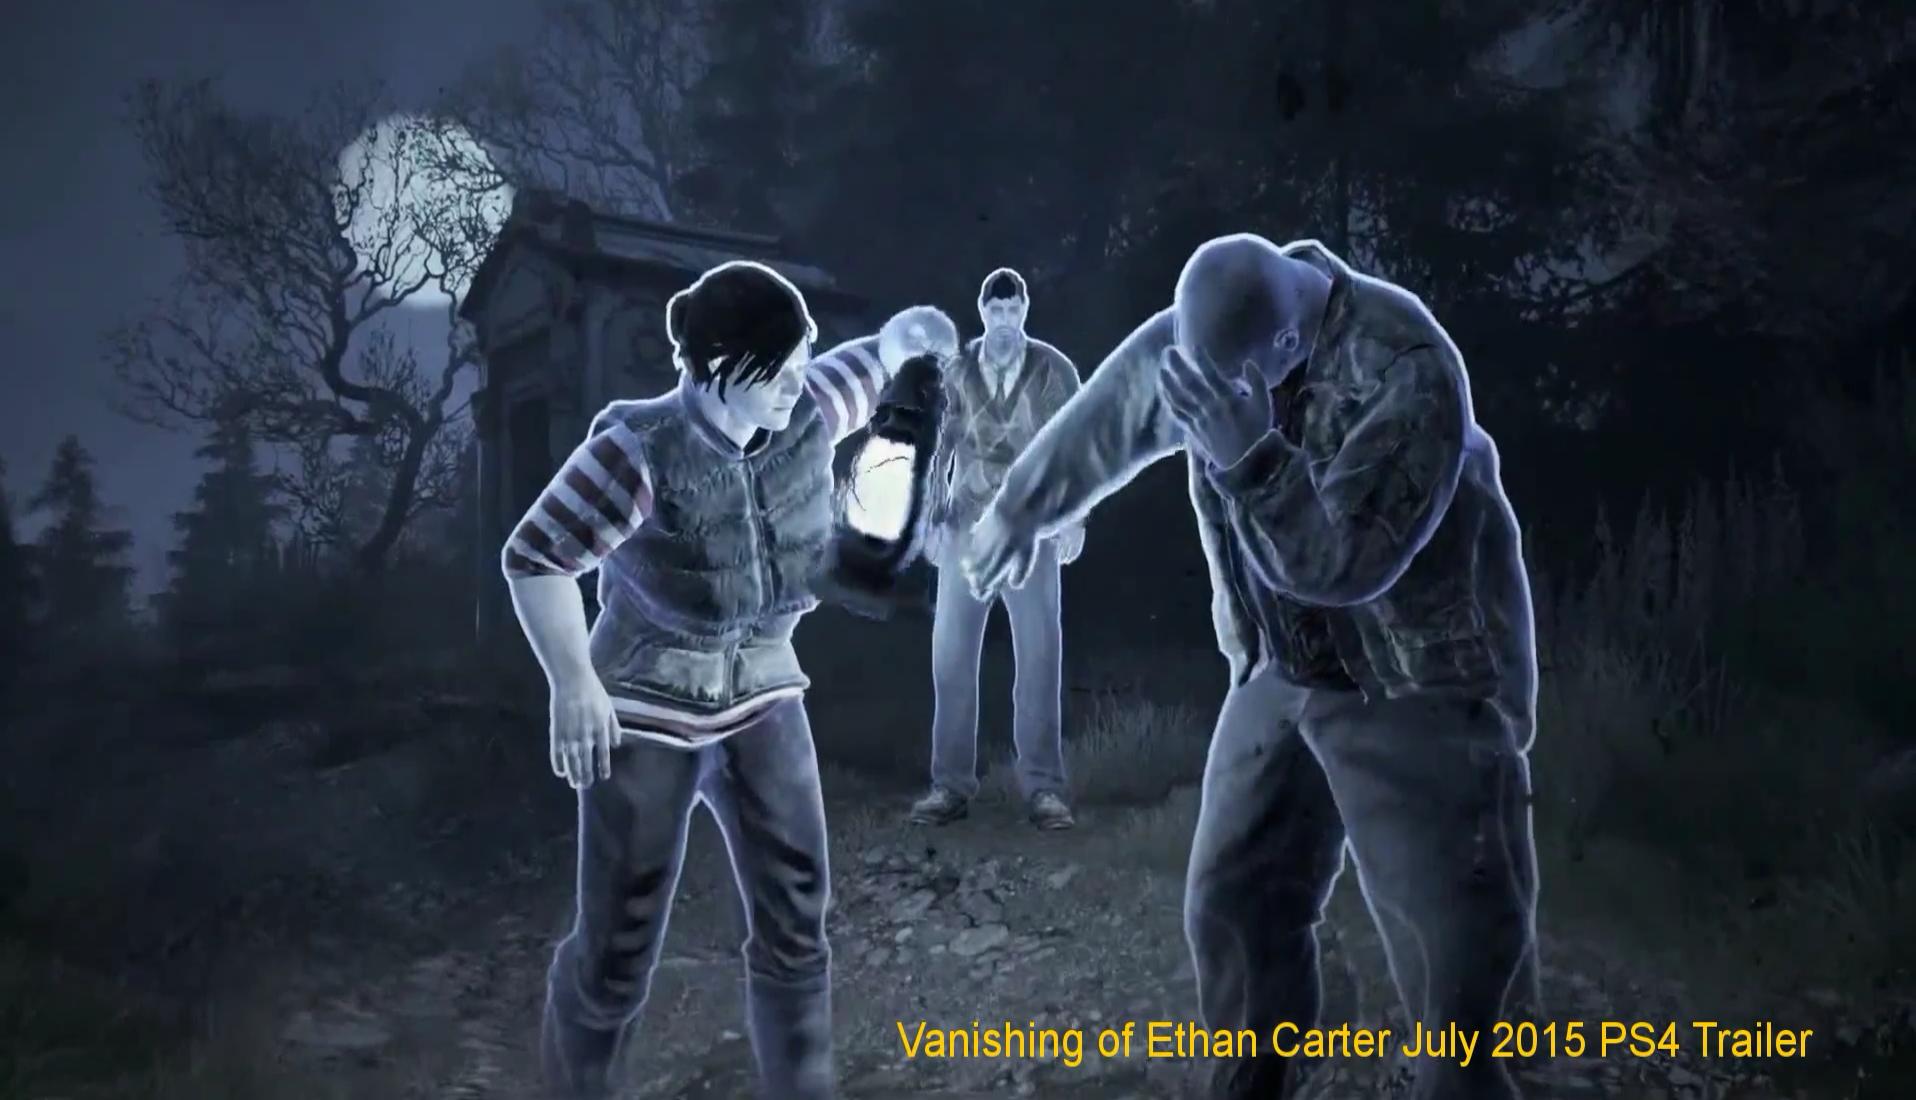 Сильное УХУДШЕНИЕ ГРАФИКИ PS4-версии The Vanishing of Ethan Carter. - Изображение 1